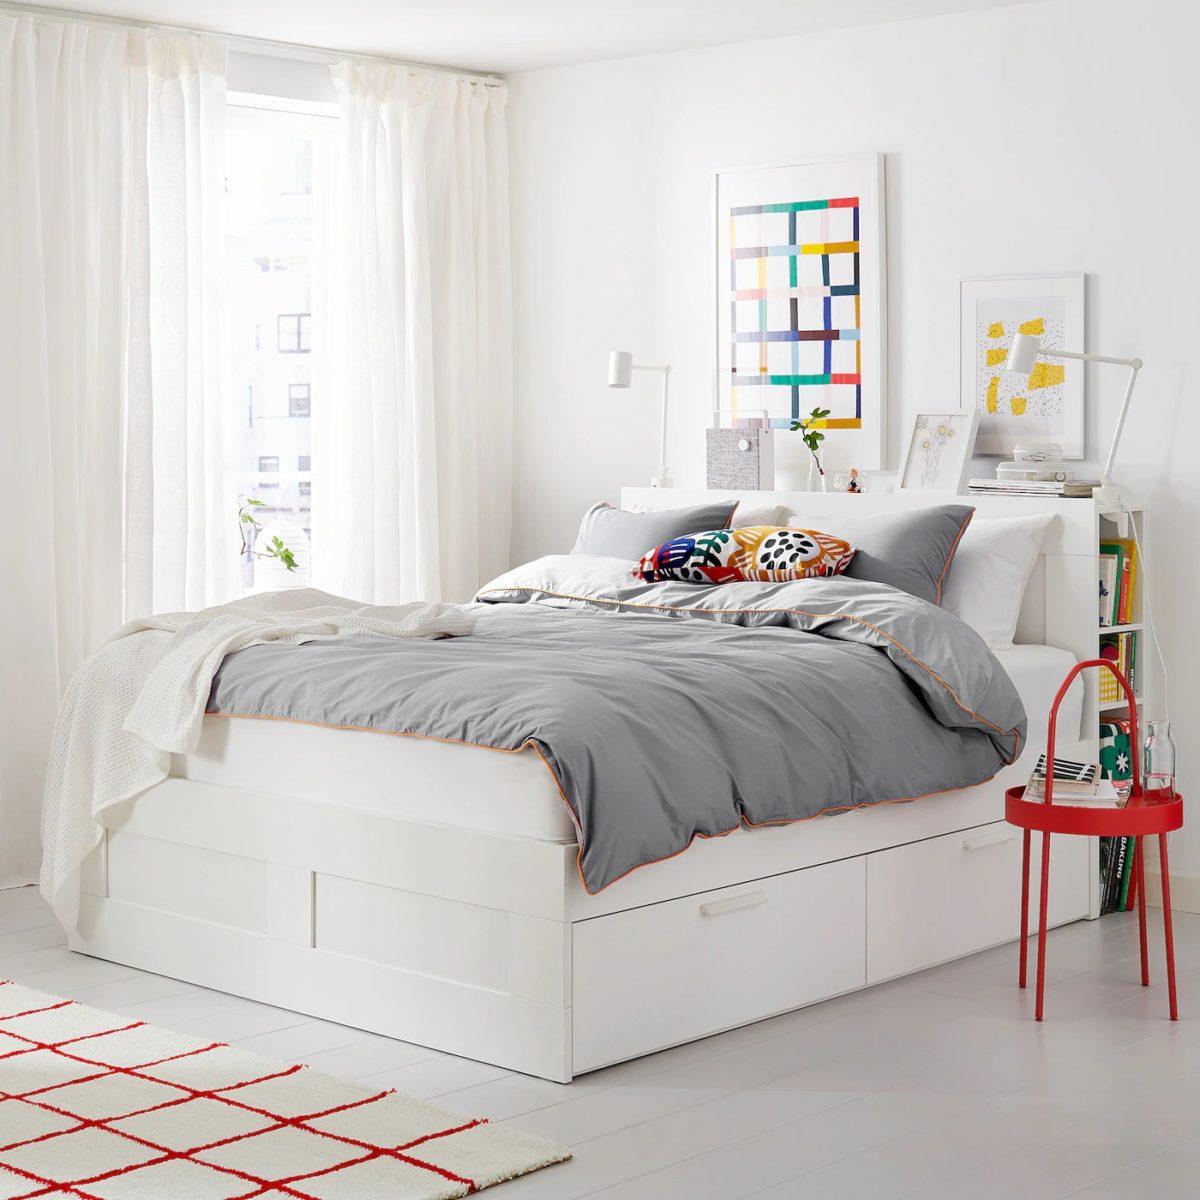 Fodera Per Testata Letto Matrimoniale Ikea.Ikea Catalogo 2020 Ecco Tutti I Prodotti Scontati Per Un Anno